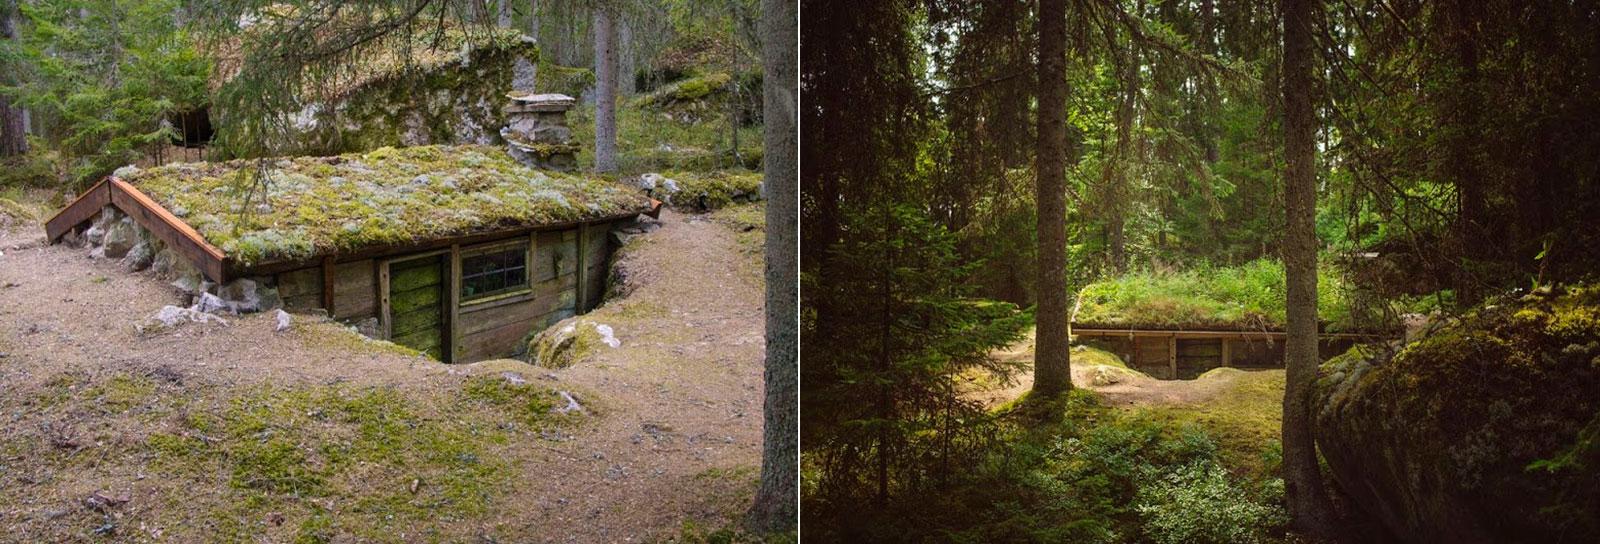 Esta pequena cabana em uma floresta sueca é uma das casas mais legais do AirBnb